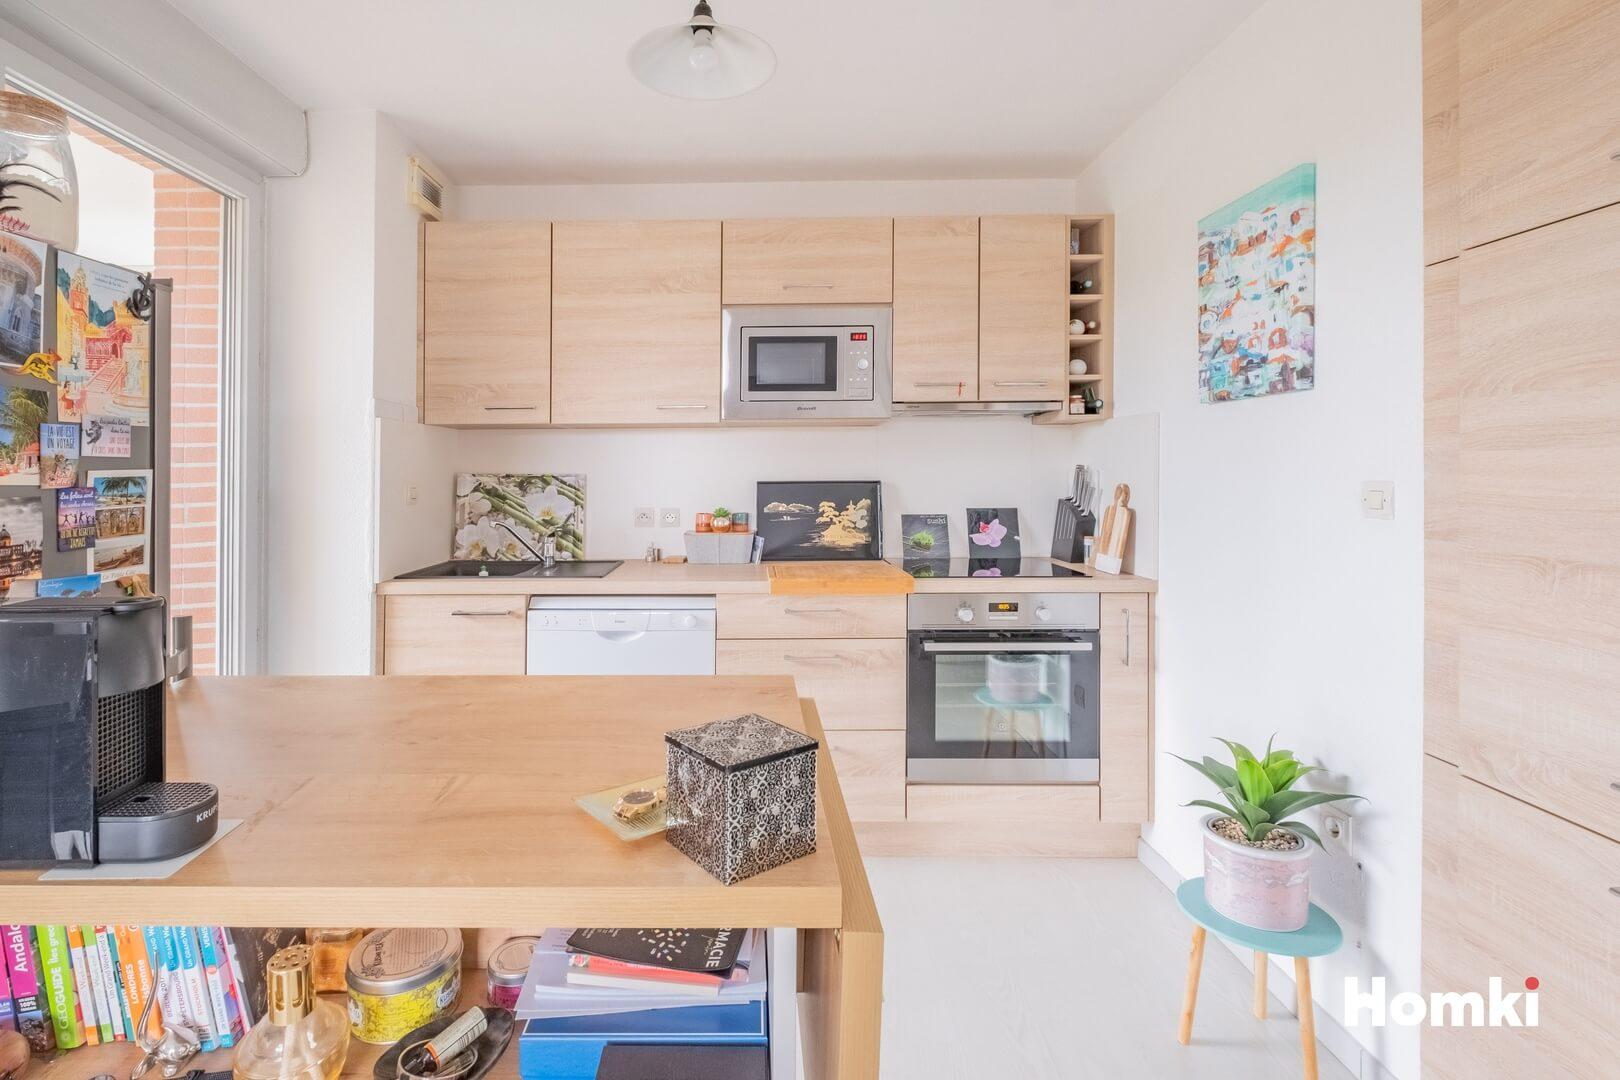 Homki - Vente Appartement  de 61.0 m² à Toulouse 31200